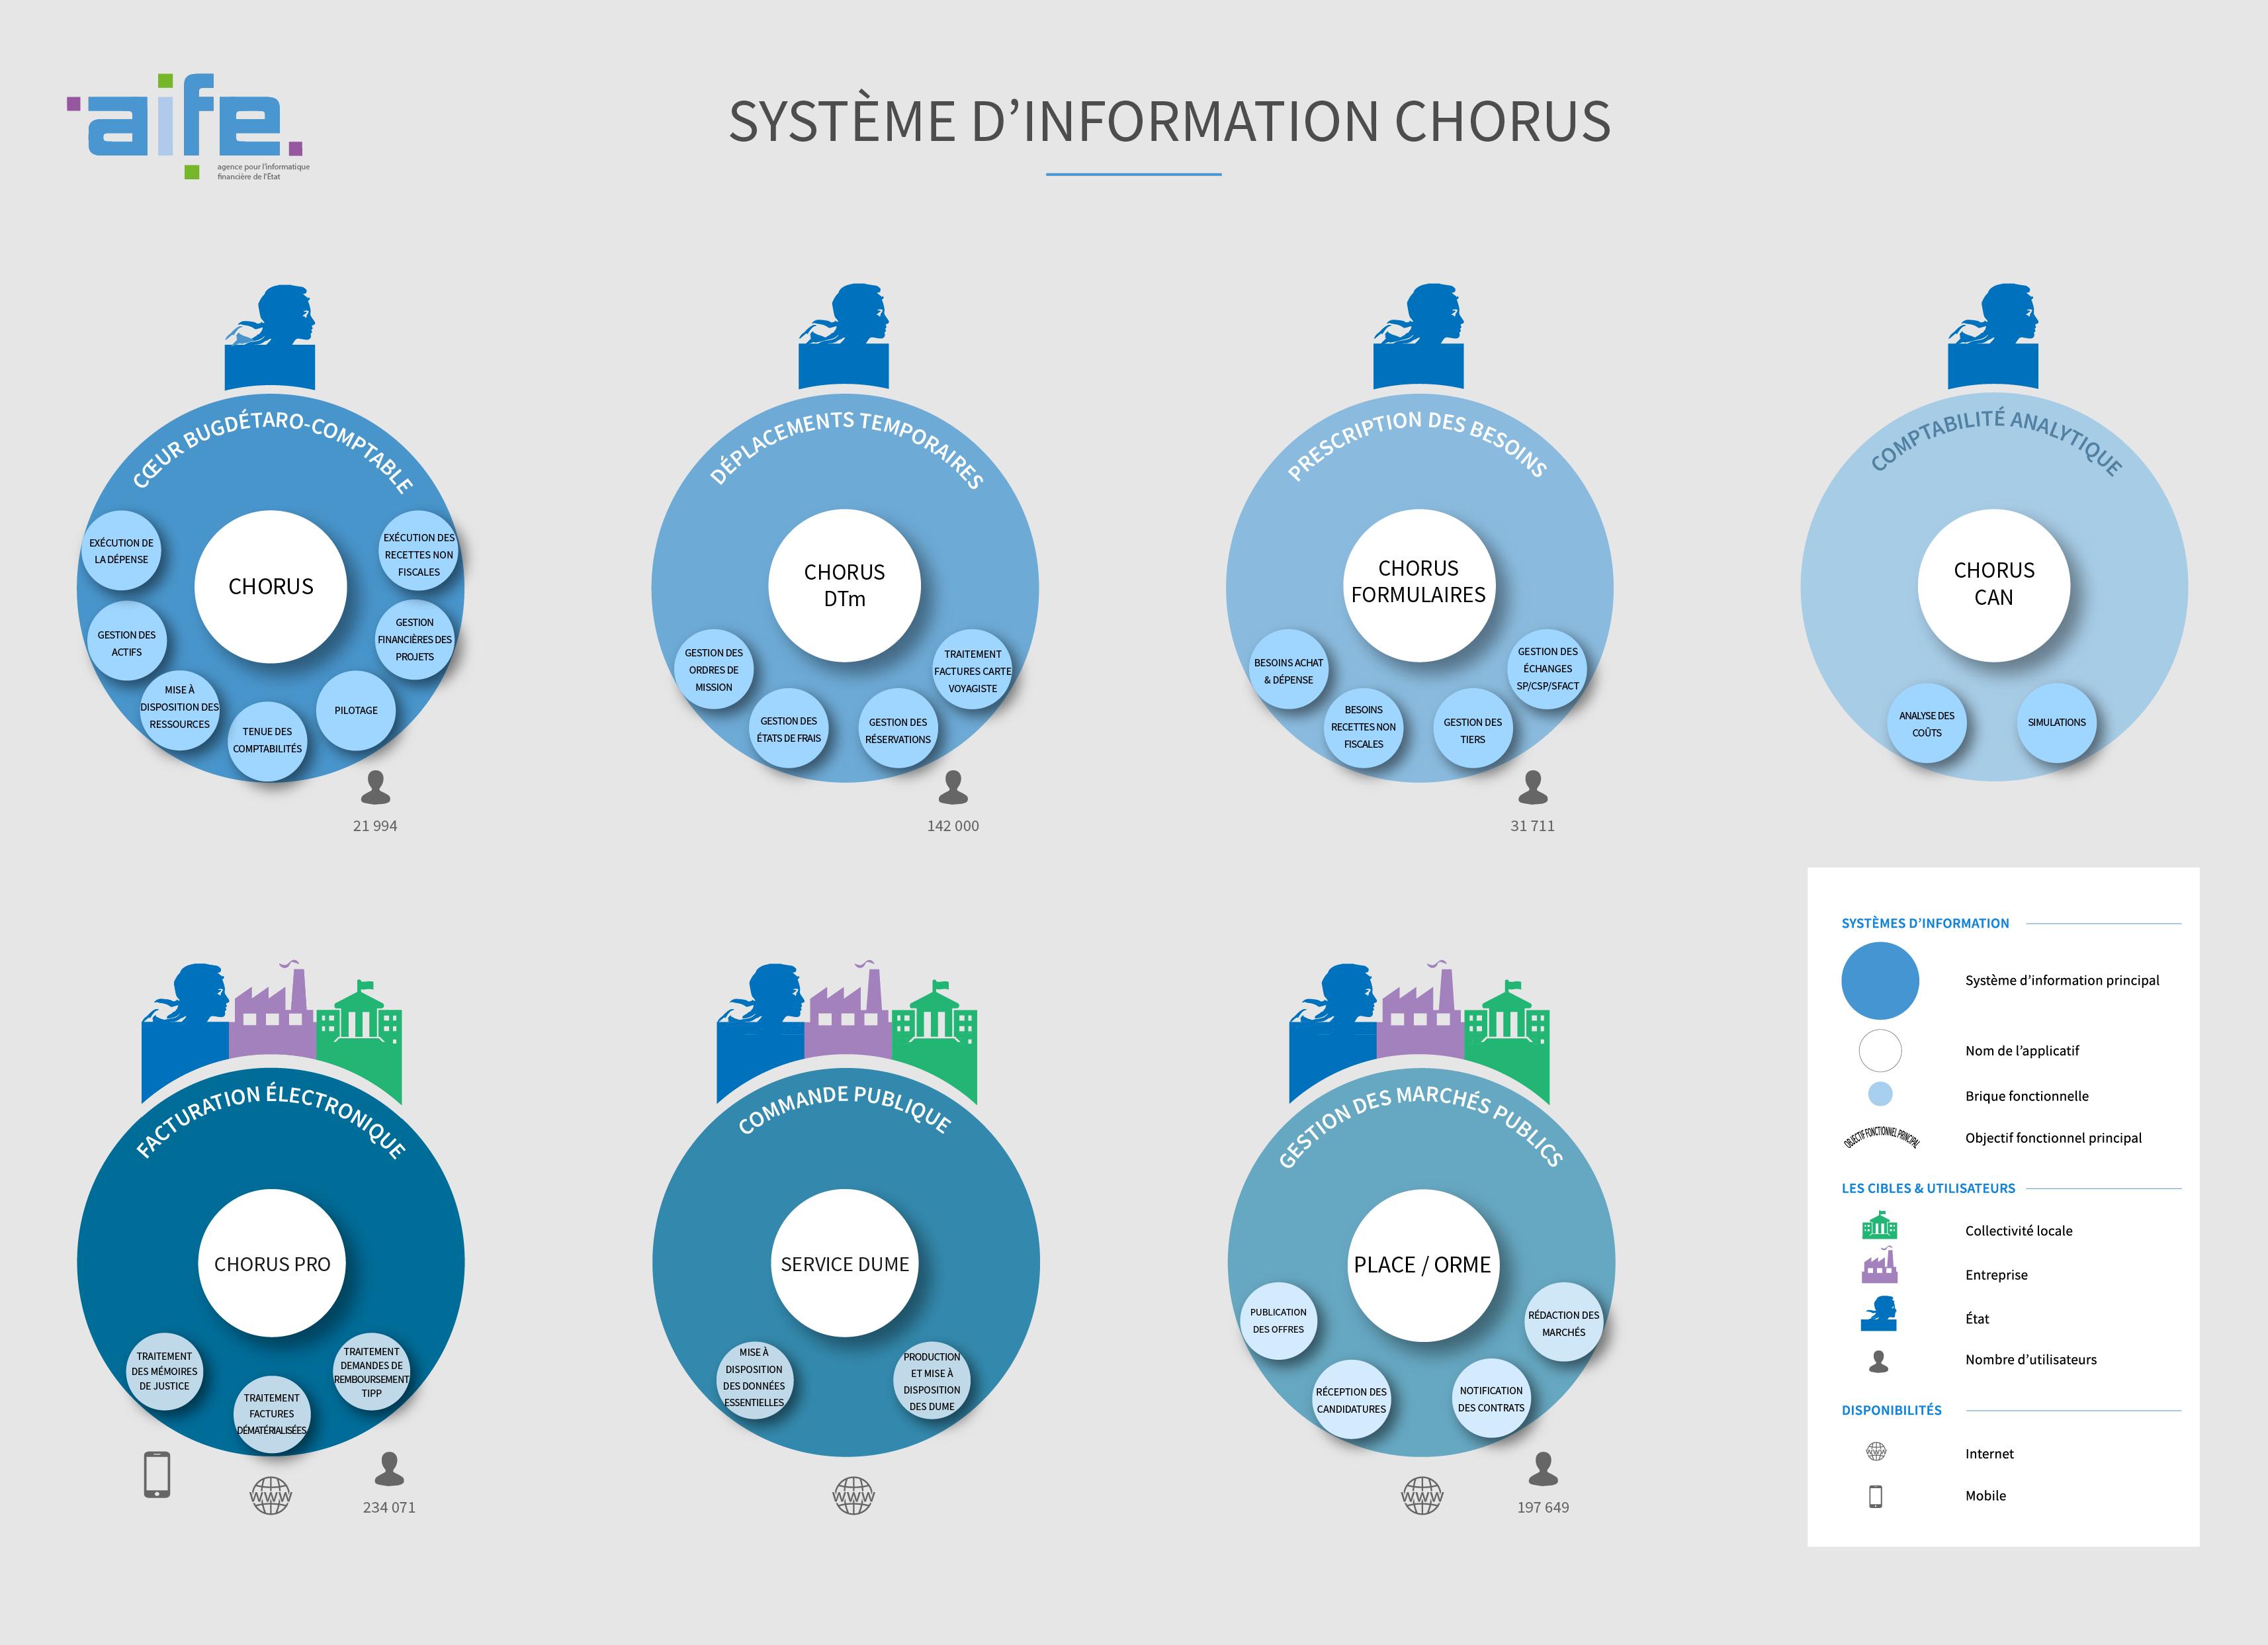 Schéma du Système d'Information Chorus